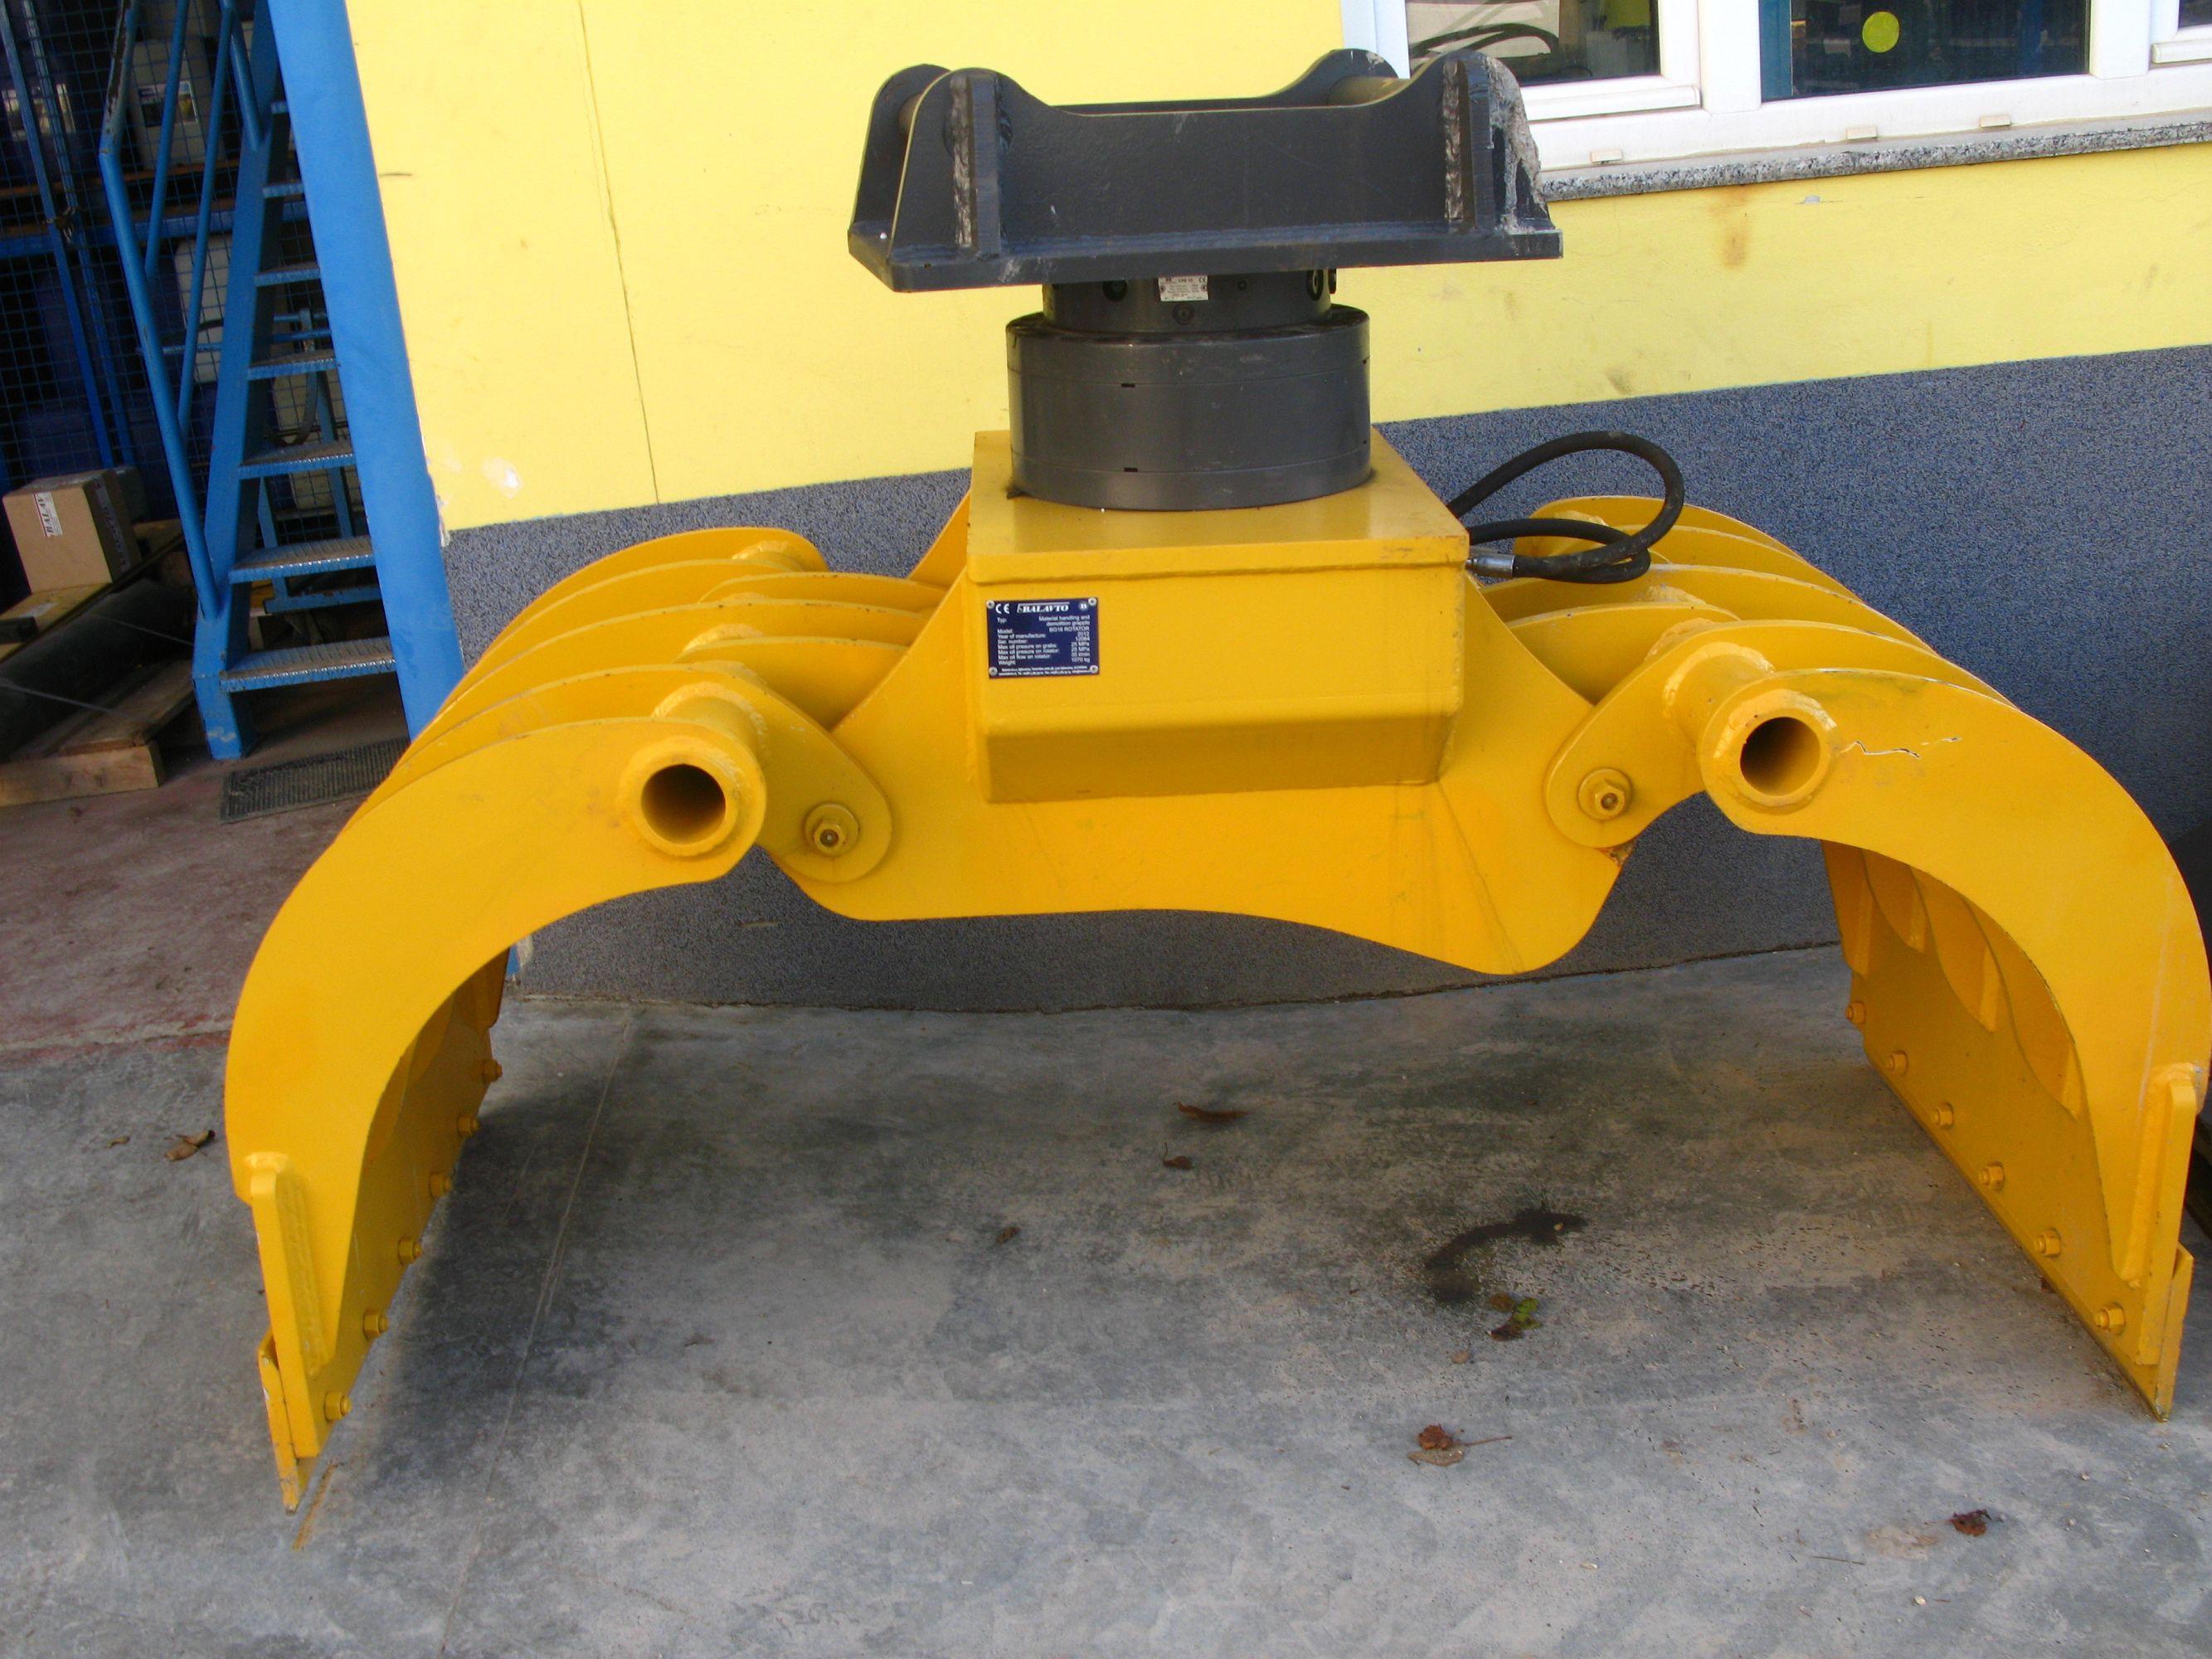 Außergewöhnlich Hydraulikhammer Bagger – Baggergreifer kaufen zu attraktiven @DT_57